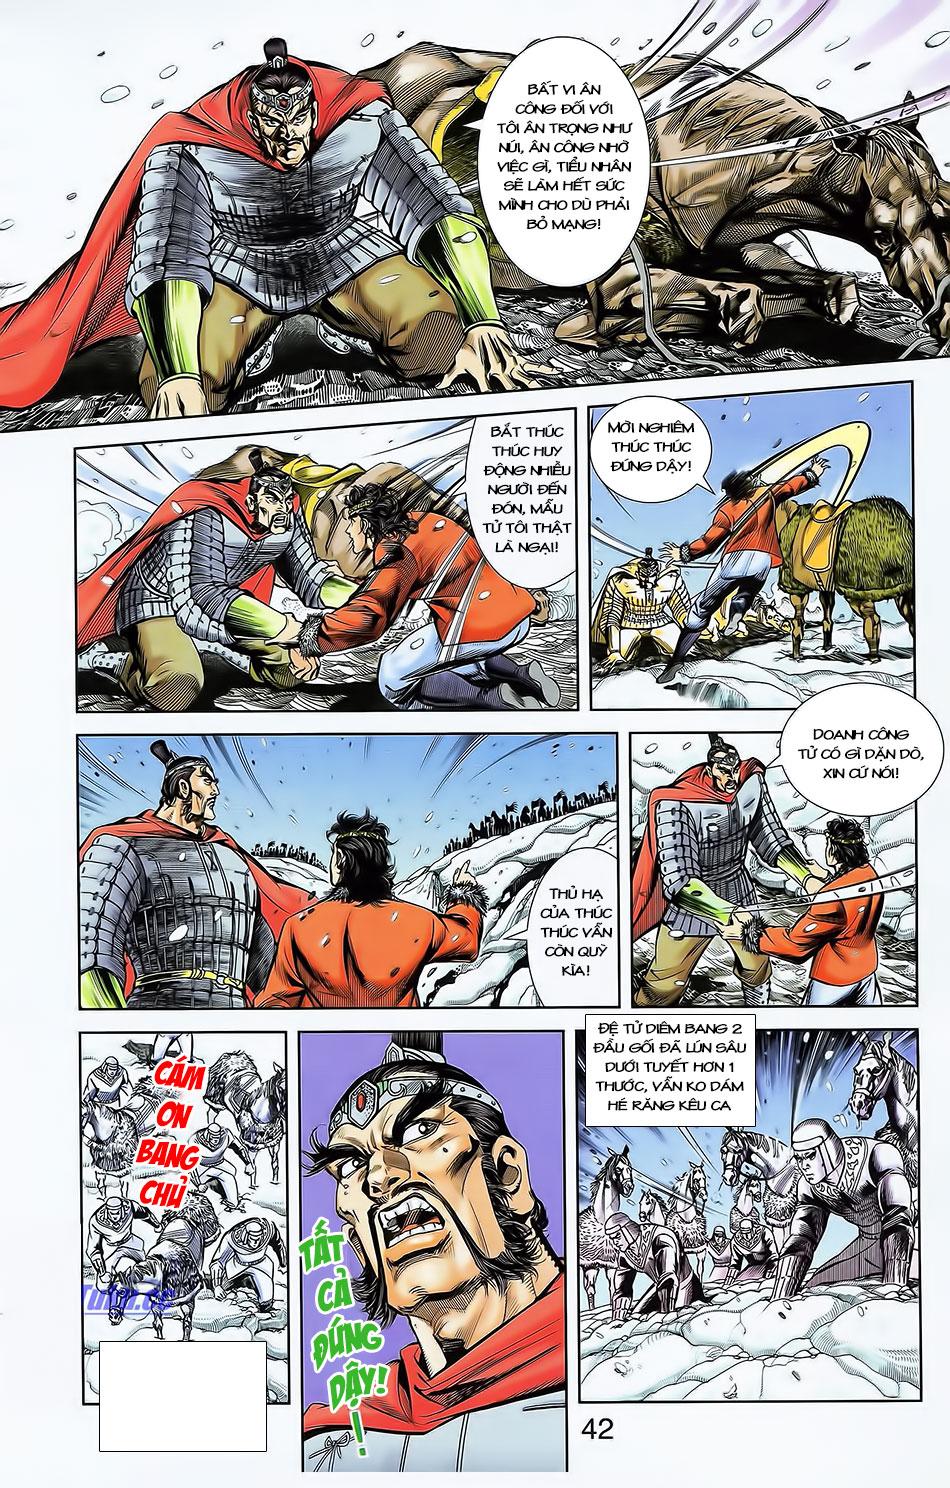 Tần Vương Doanh Chính chapter 4 trang 13